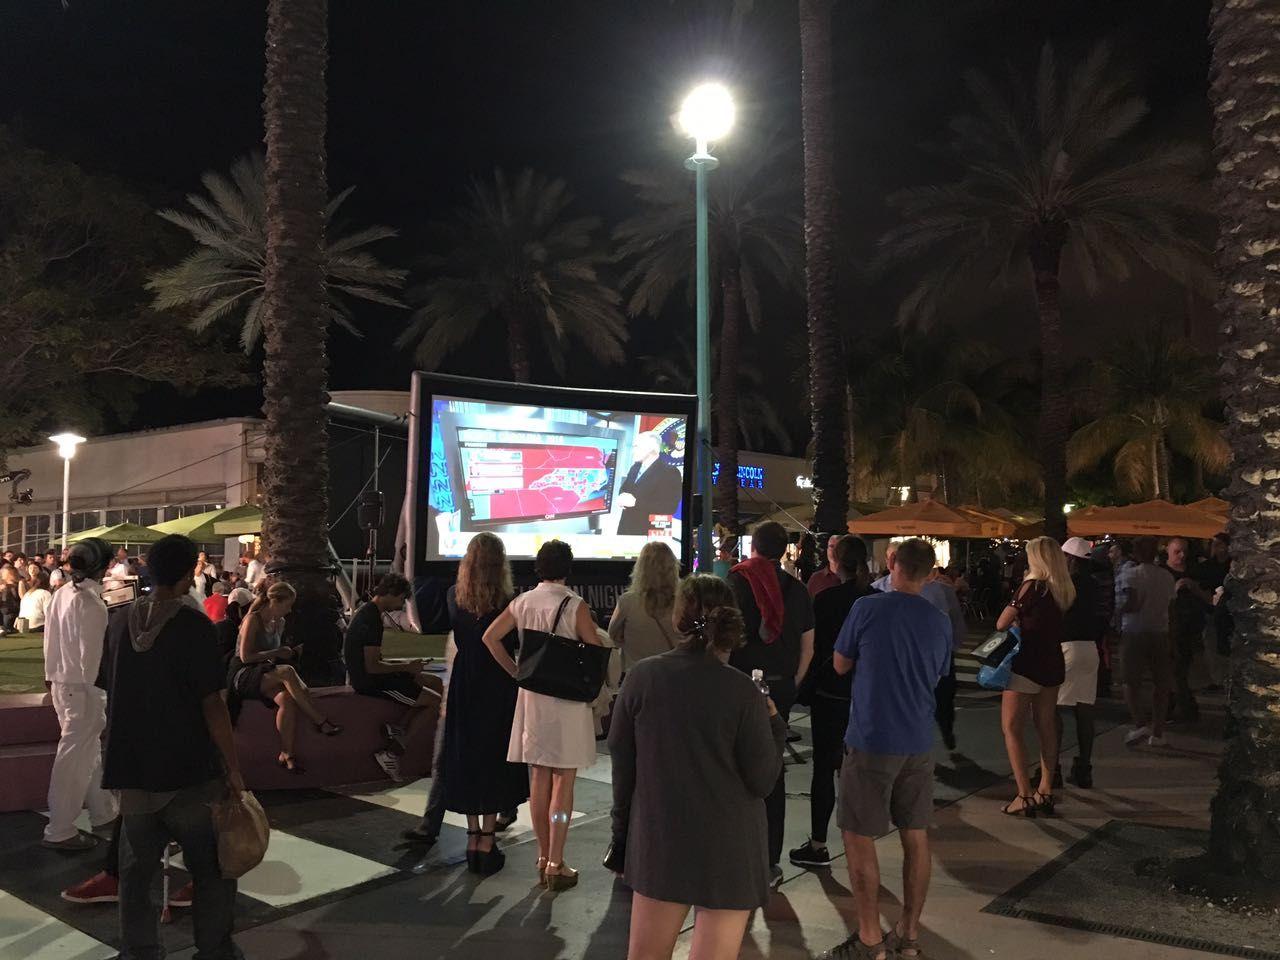 Turistas dejaron sus tradicionales paseos de lado para palpitar las elecciones en Estados Unidos